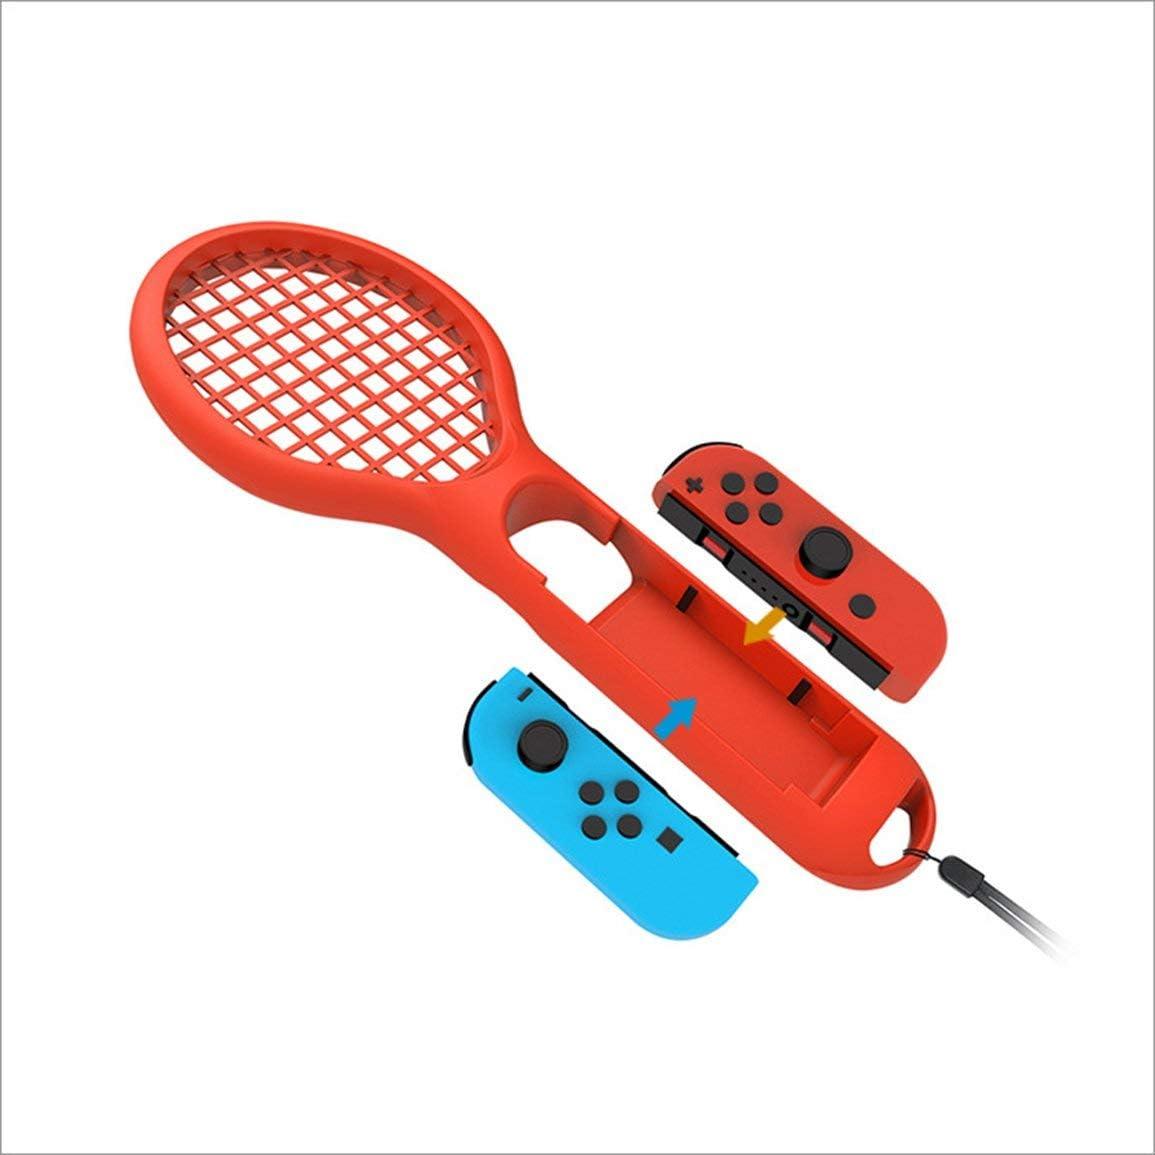 Jiobapiongxin Divertidos Accesorios de Raqueta de Tenis para ...